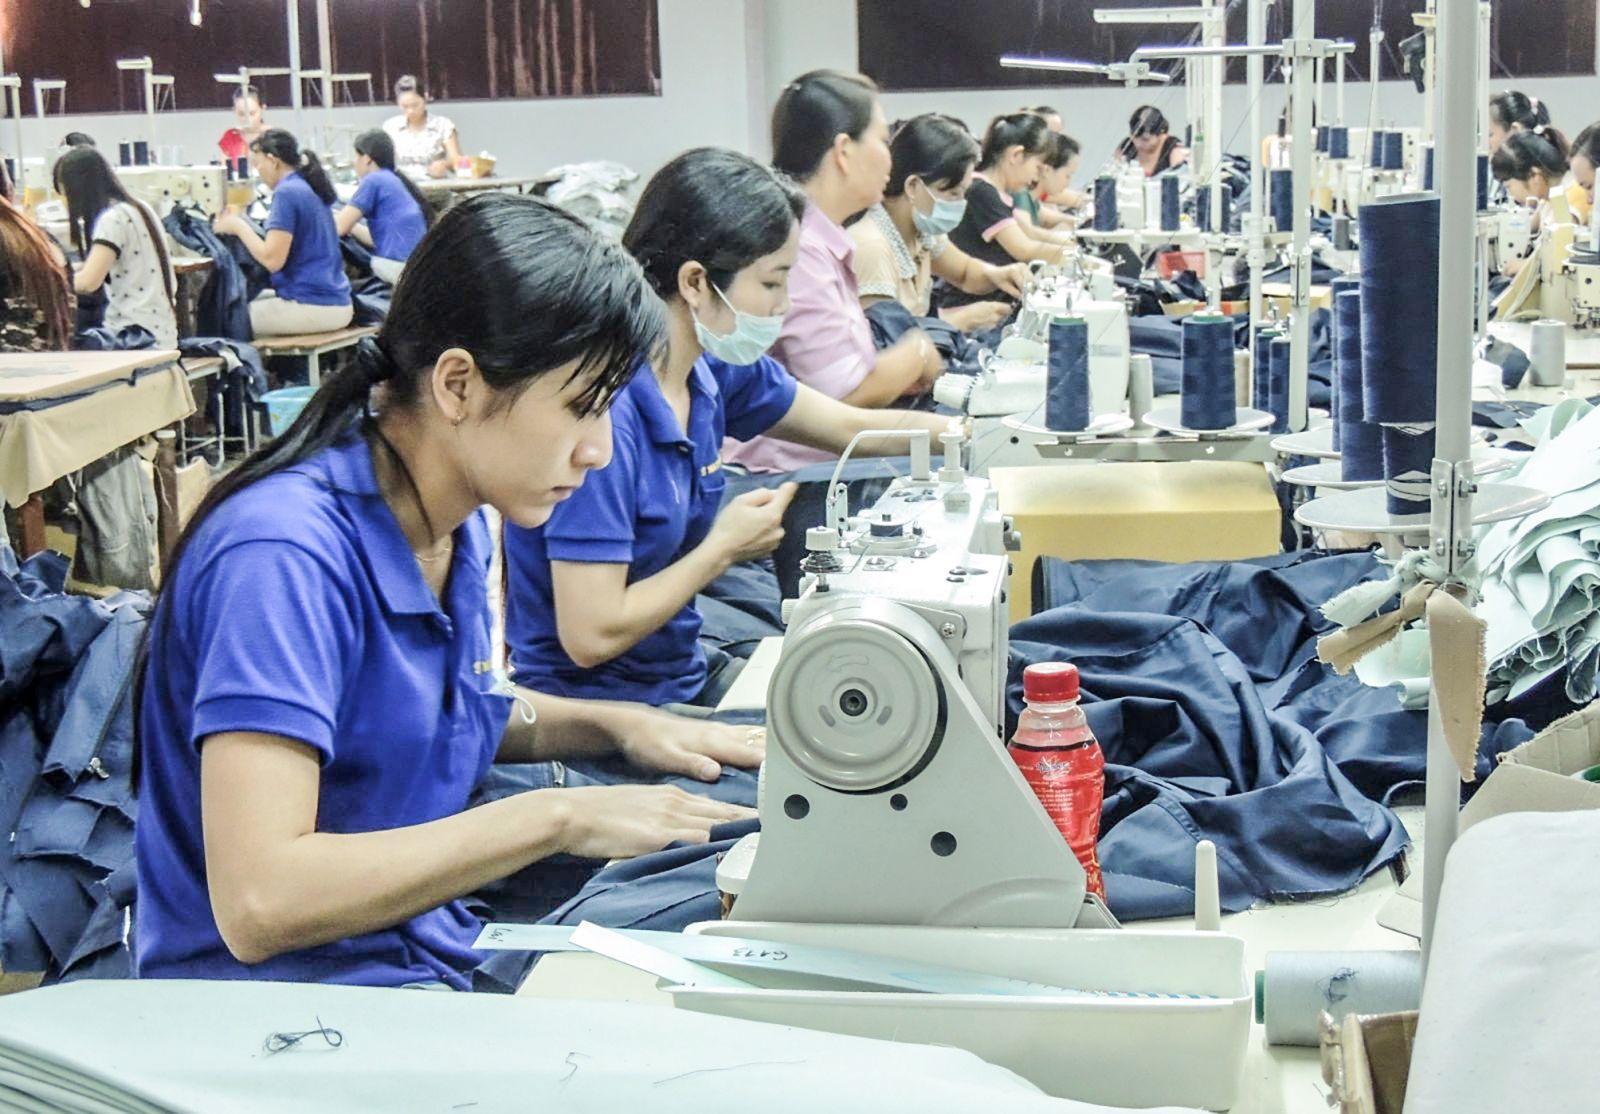 Hoạt động sản xuất tại Công ty TNHH May xuất nhập khẩu Hào Tân. Ảnh: MỸ THANH